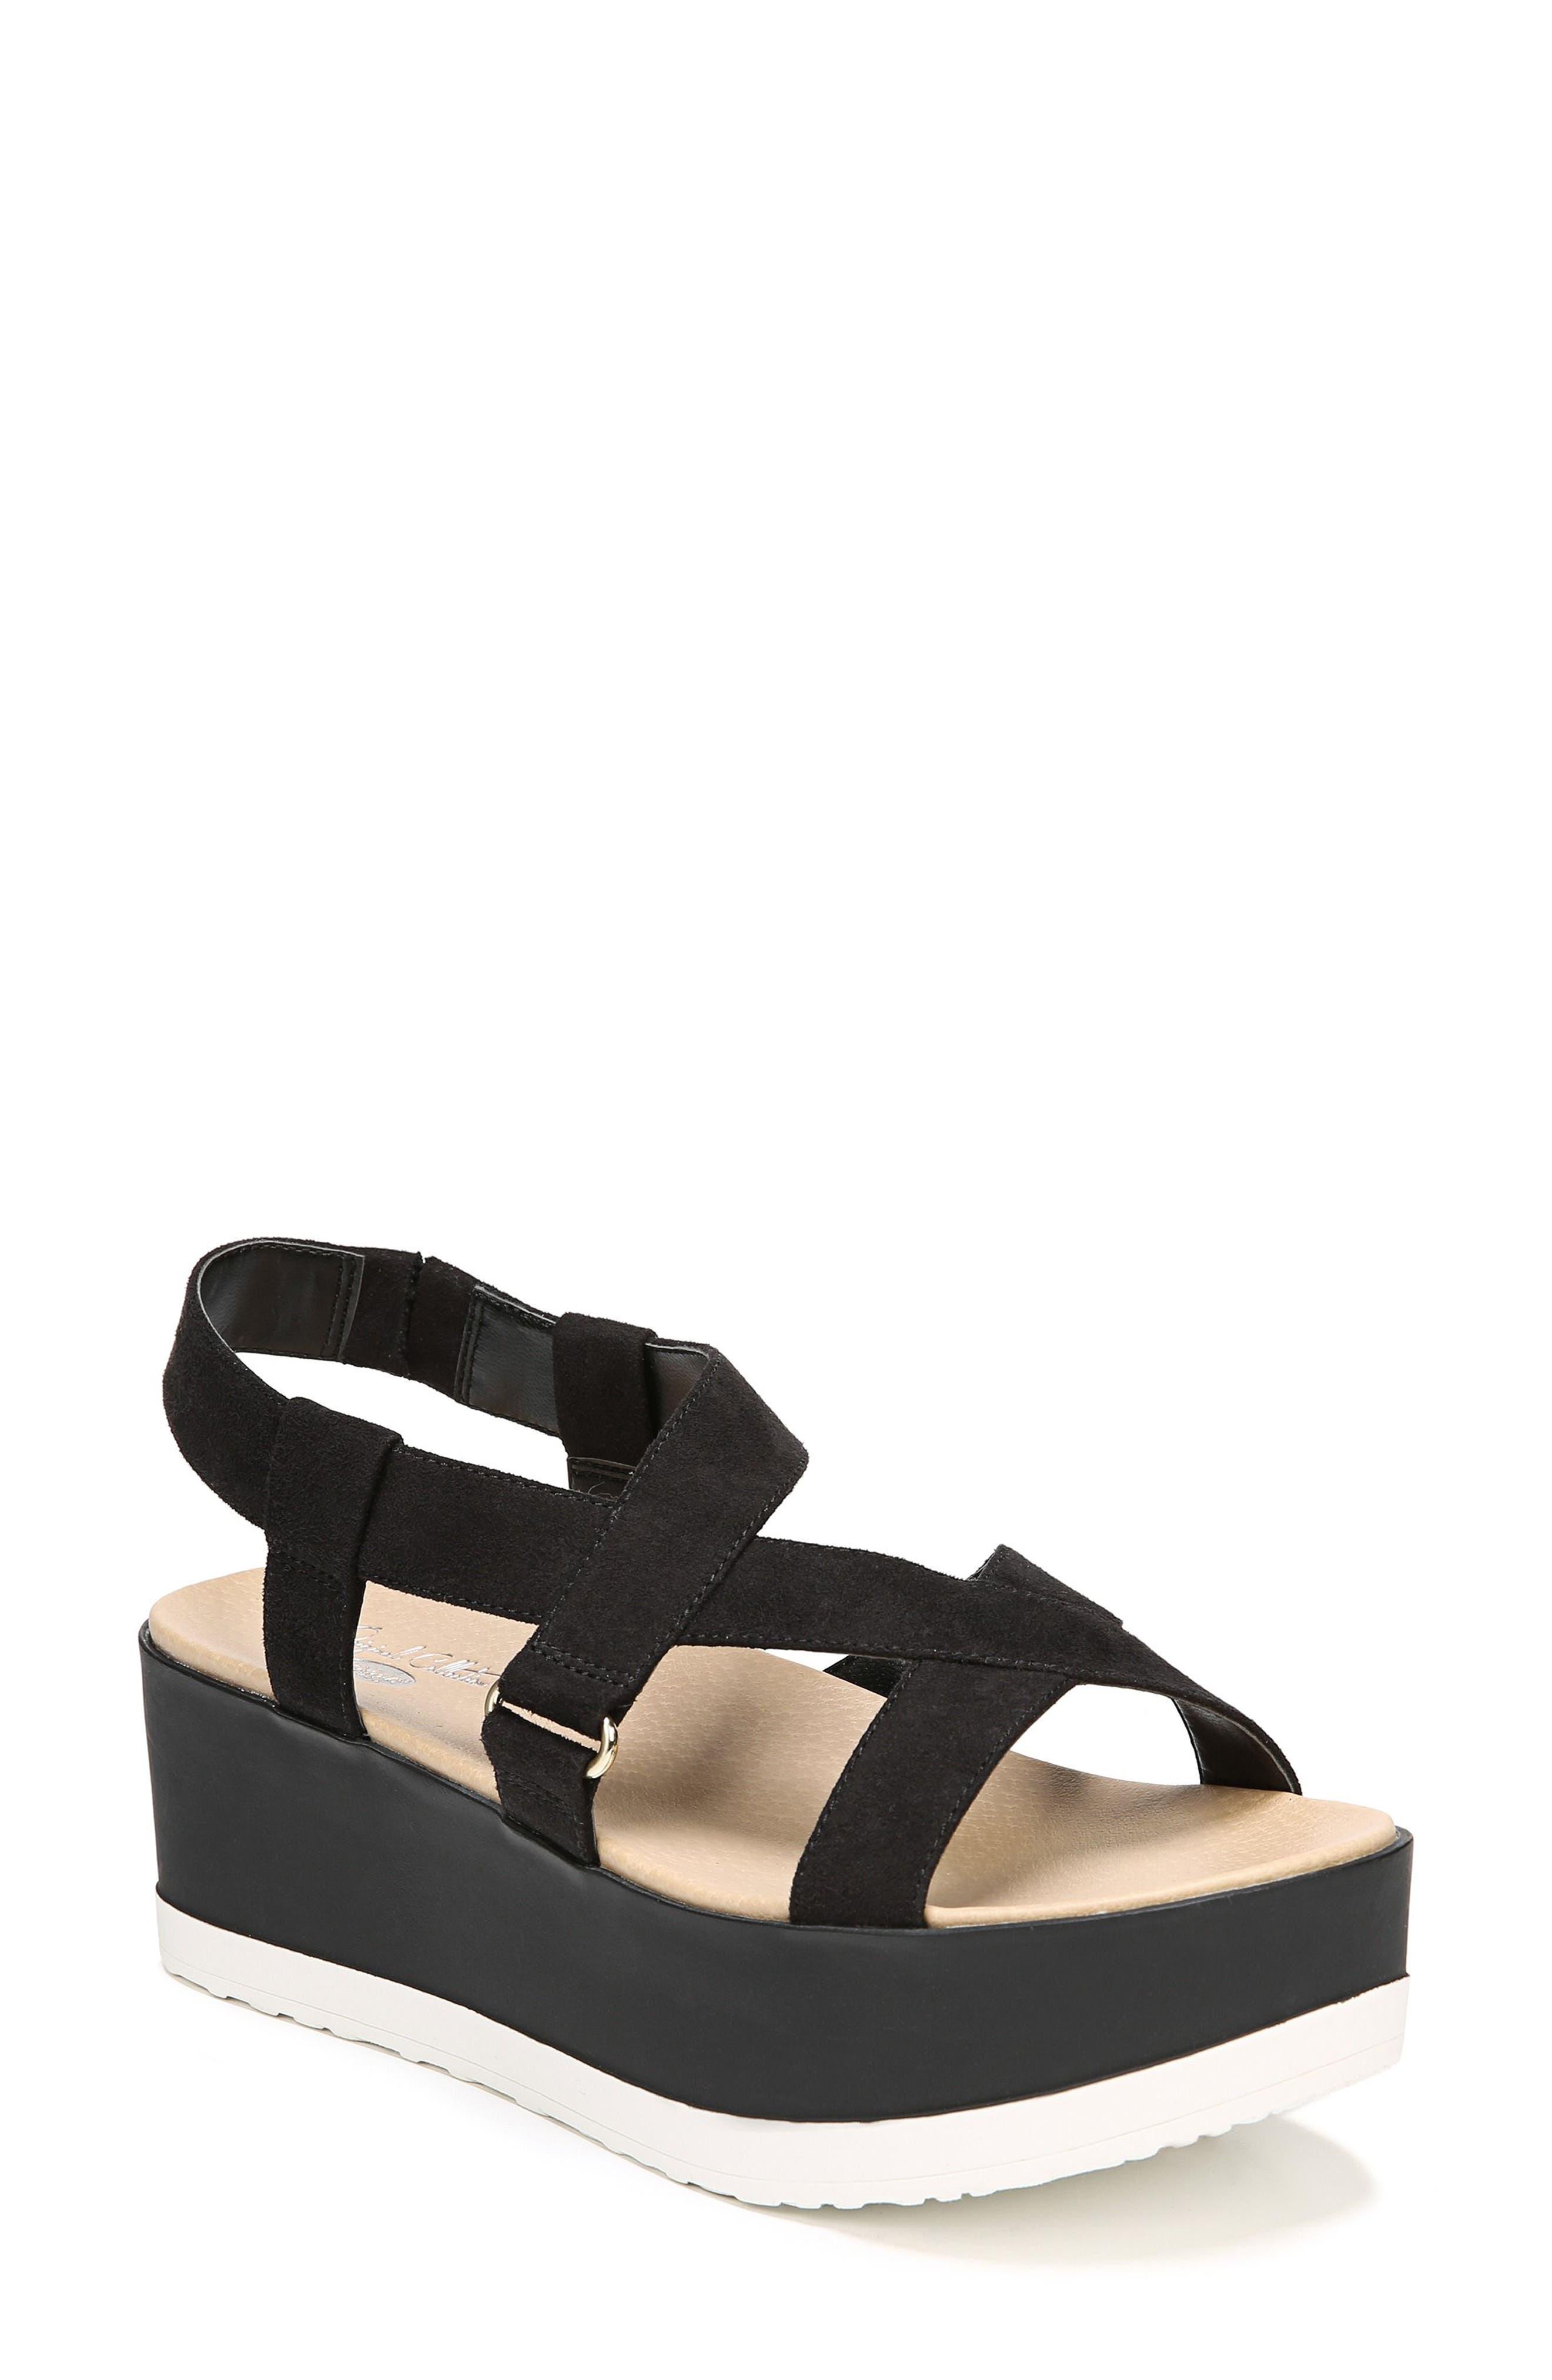 Dr. Scholl's Companion Platform Sandal (Women)